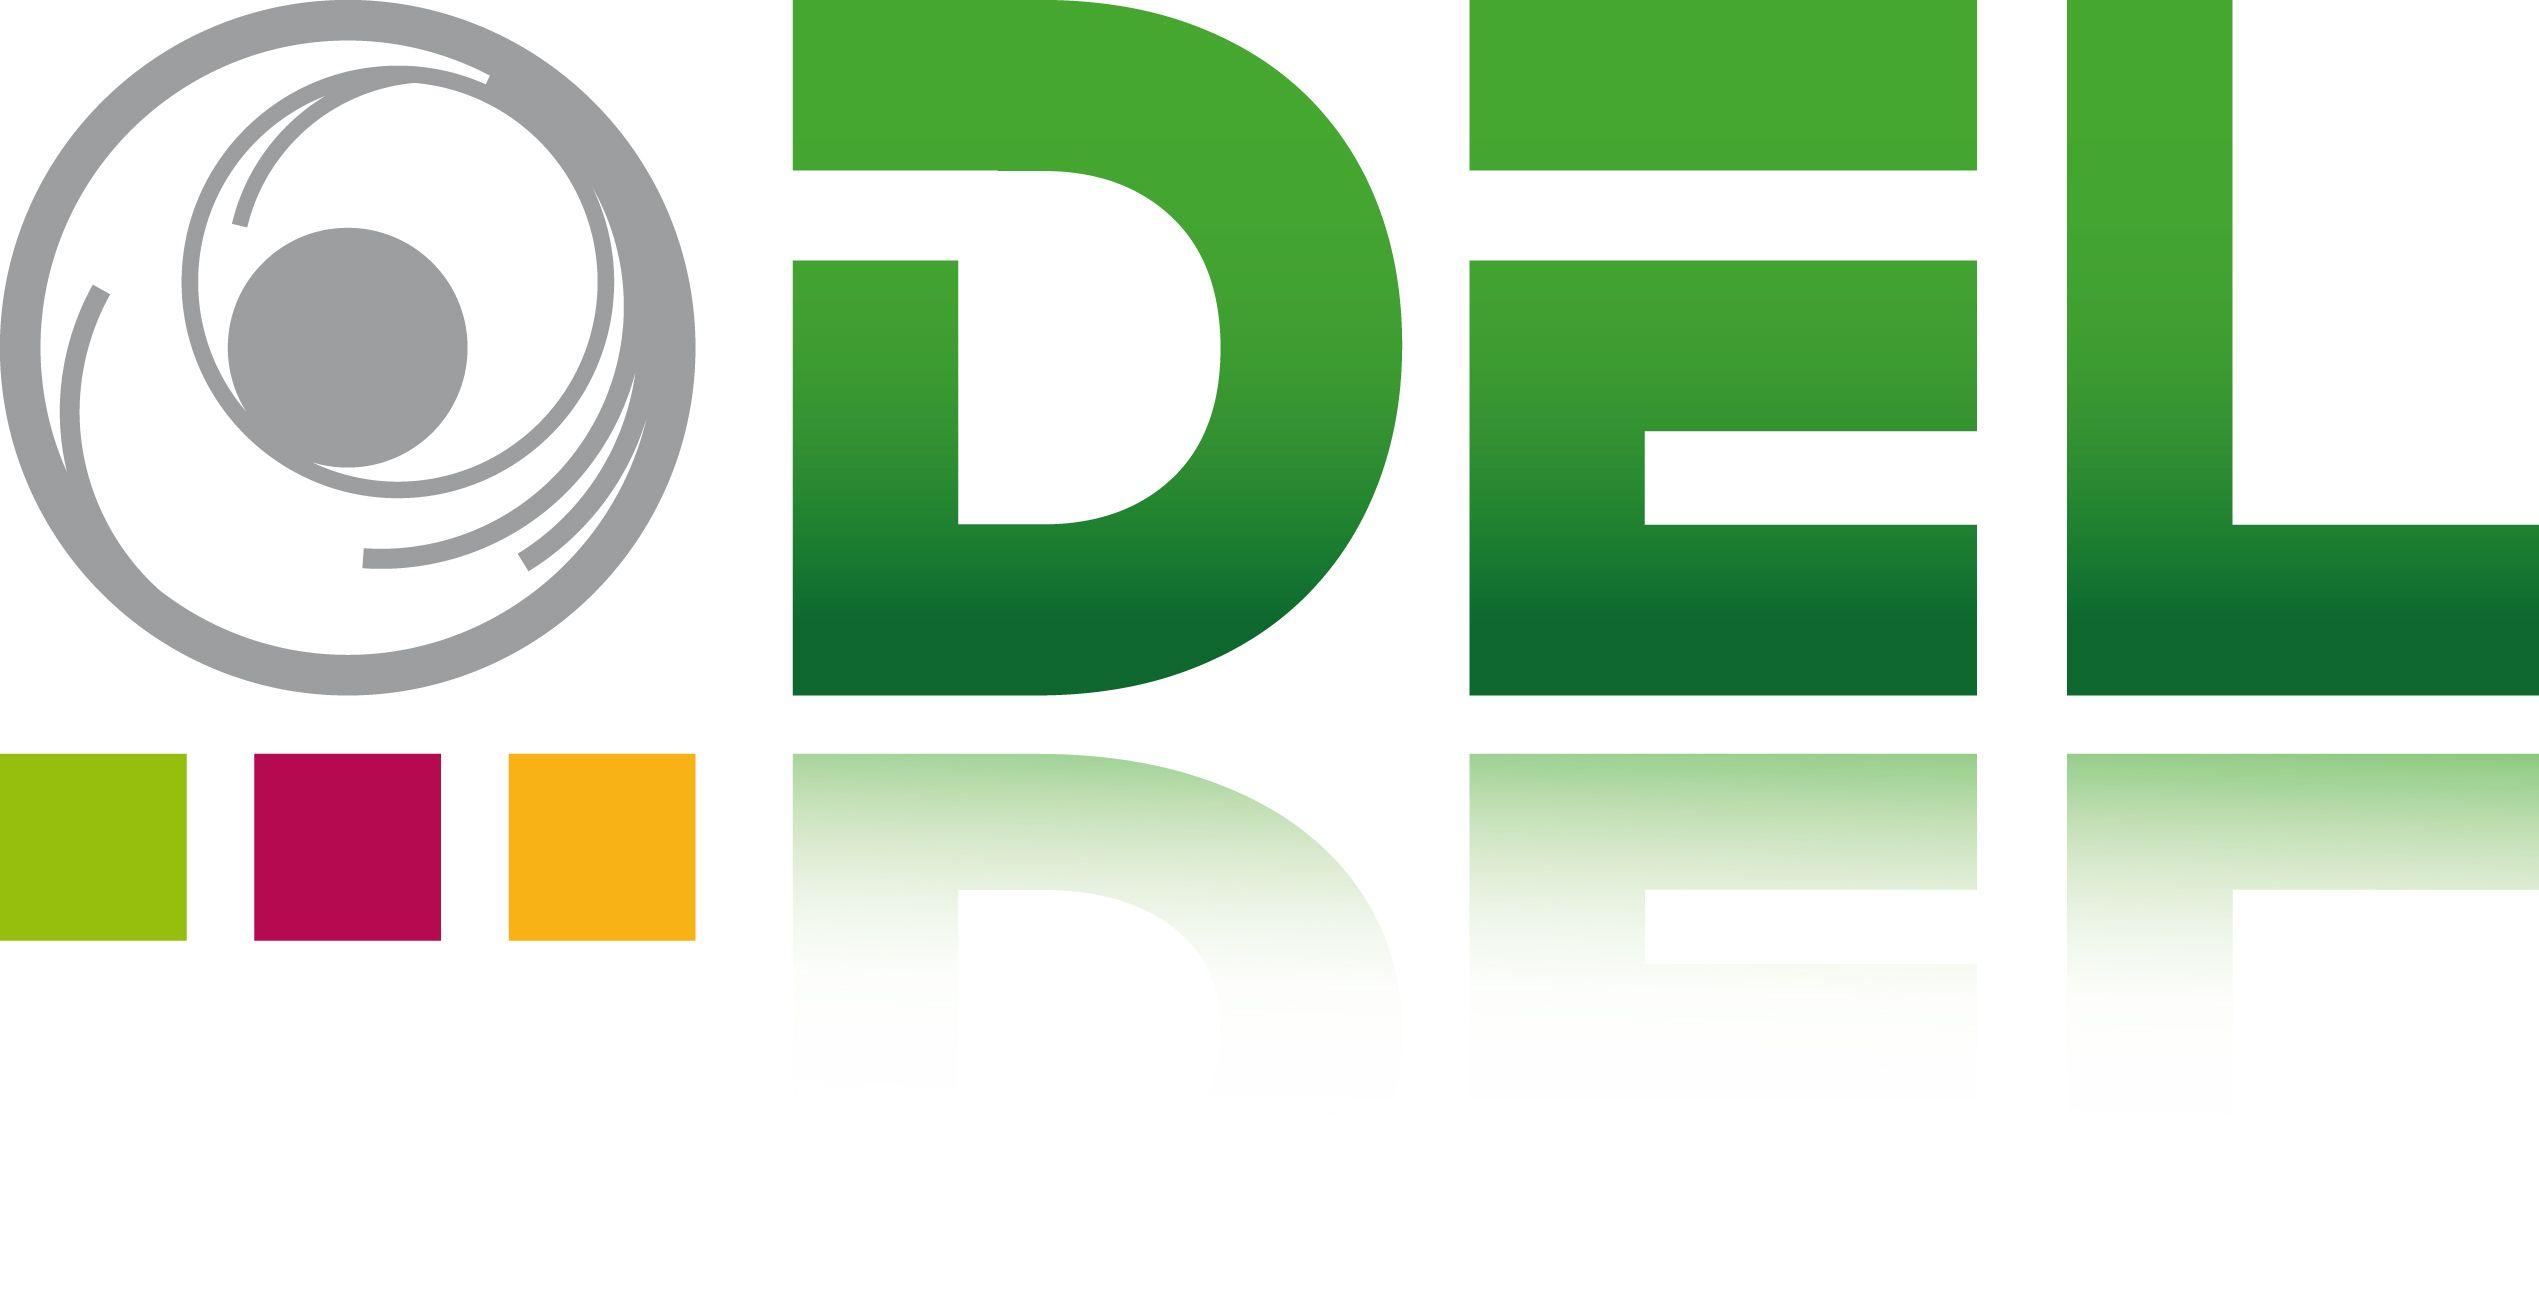 DEL - La Distribution Electronique